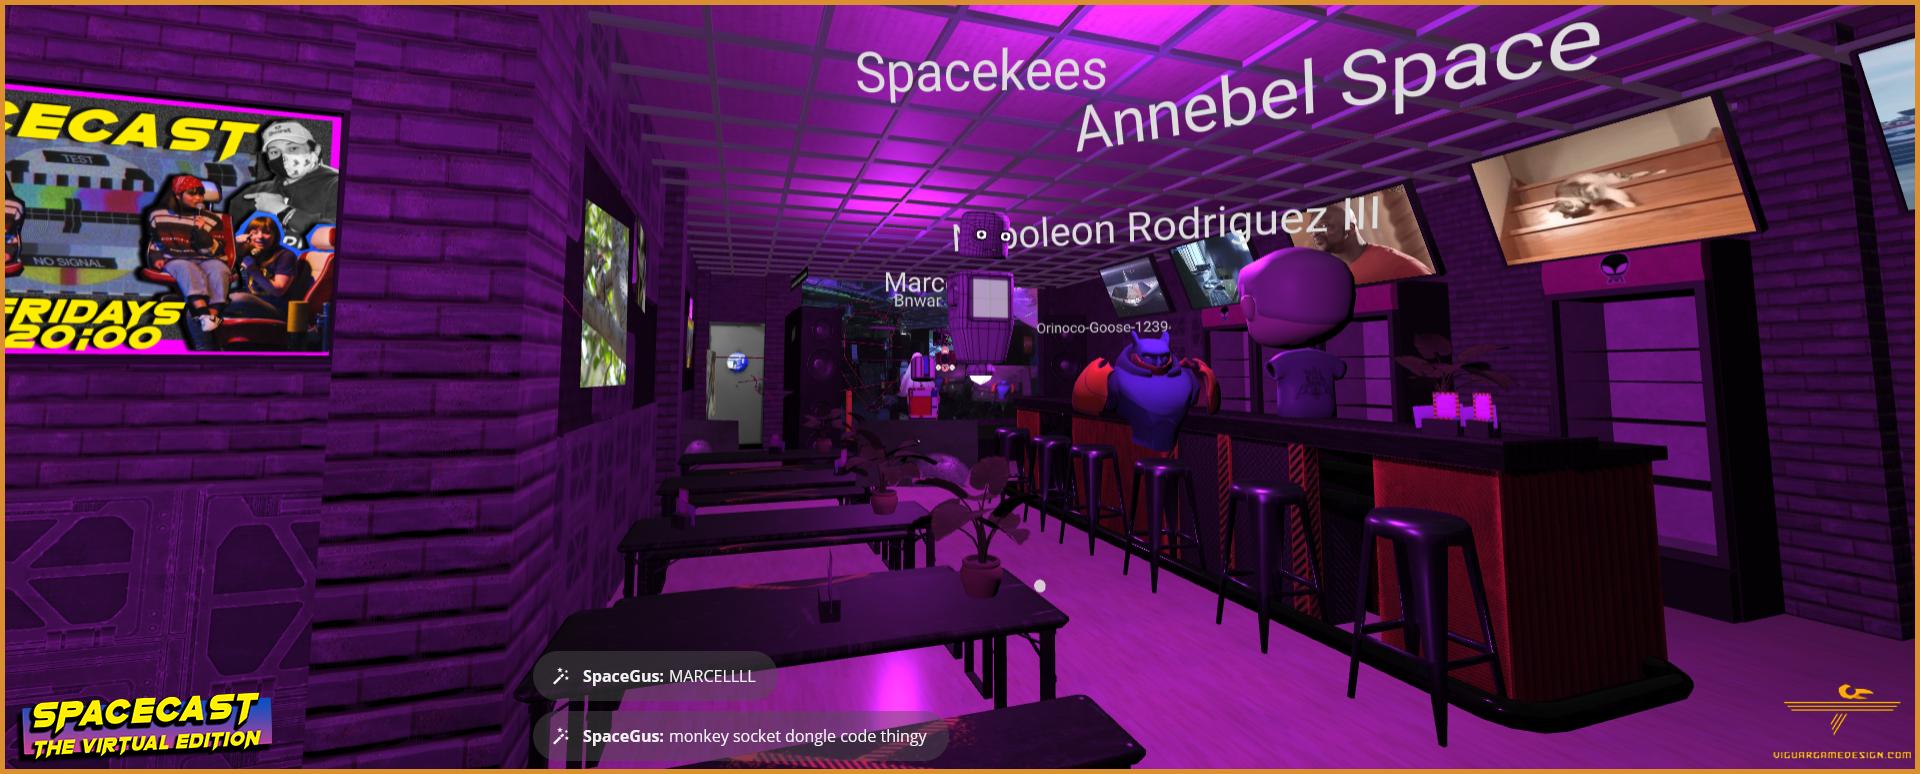 SpacecastOnlineChaos7